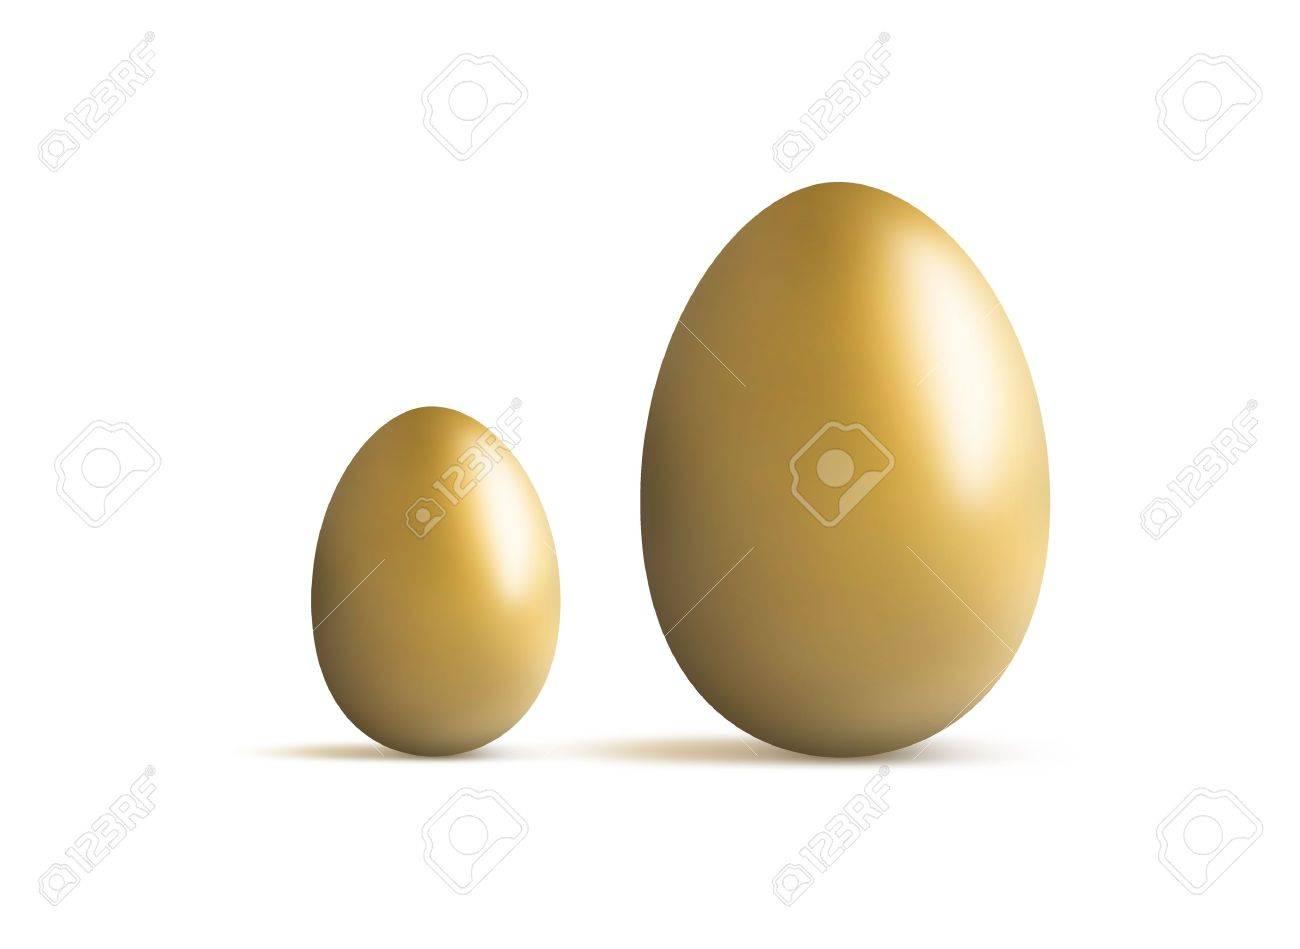 Huevo De Oro Pequeña Y Grande Para La Comparación Del Crecimiento ...